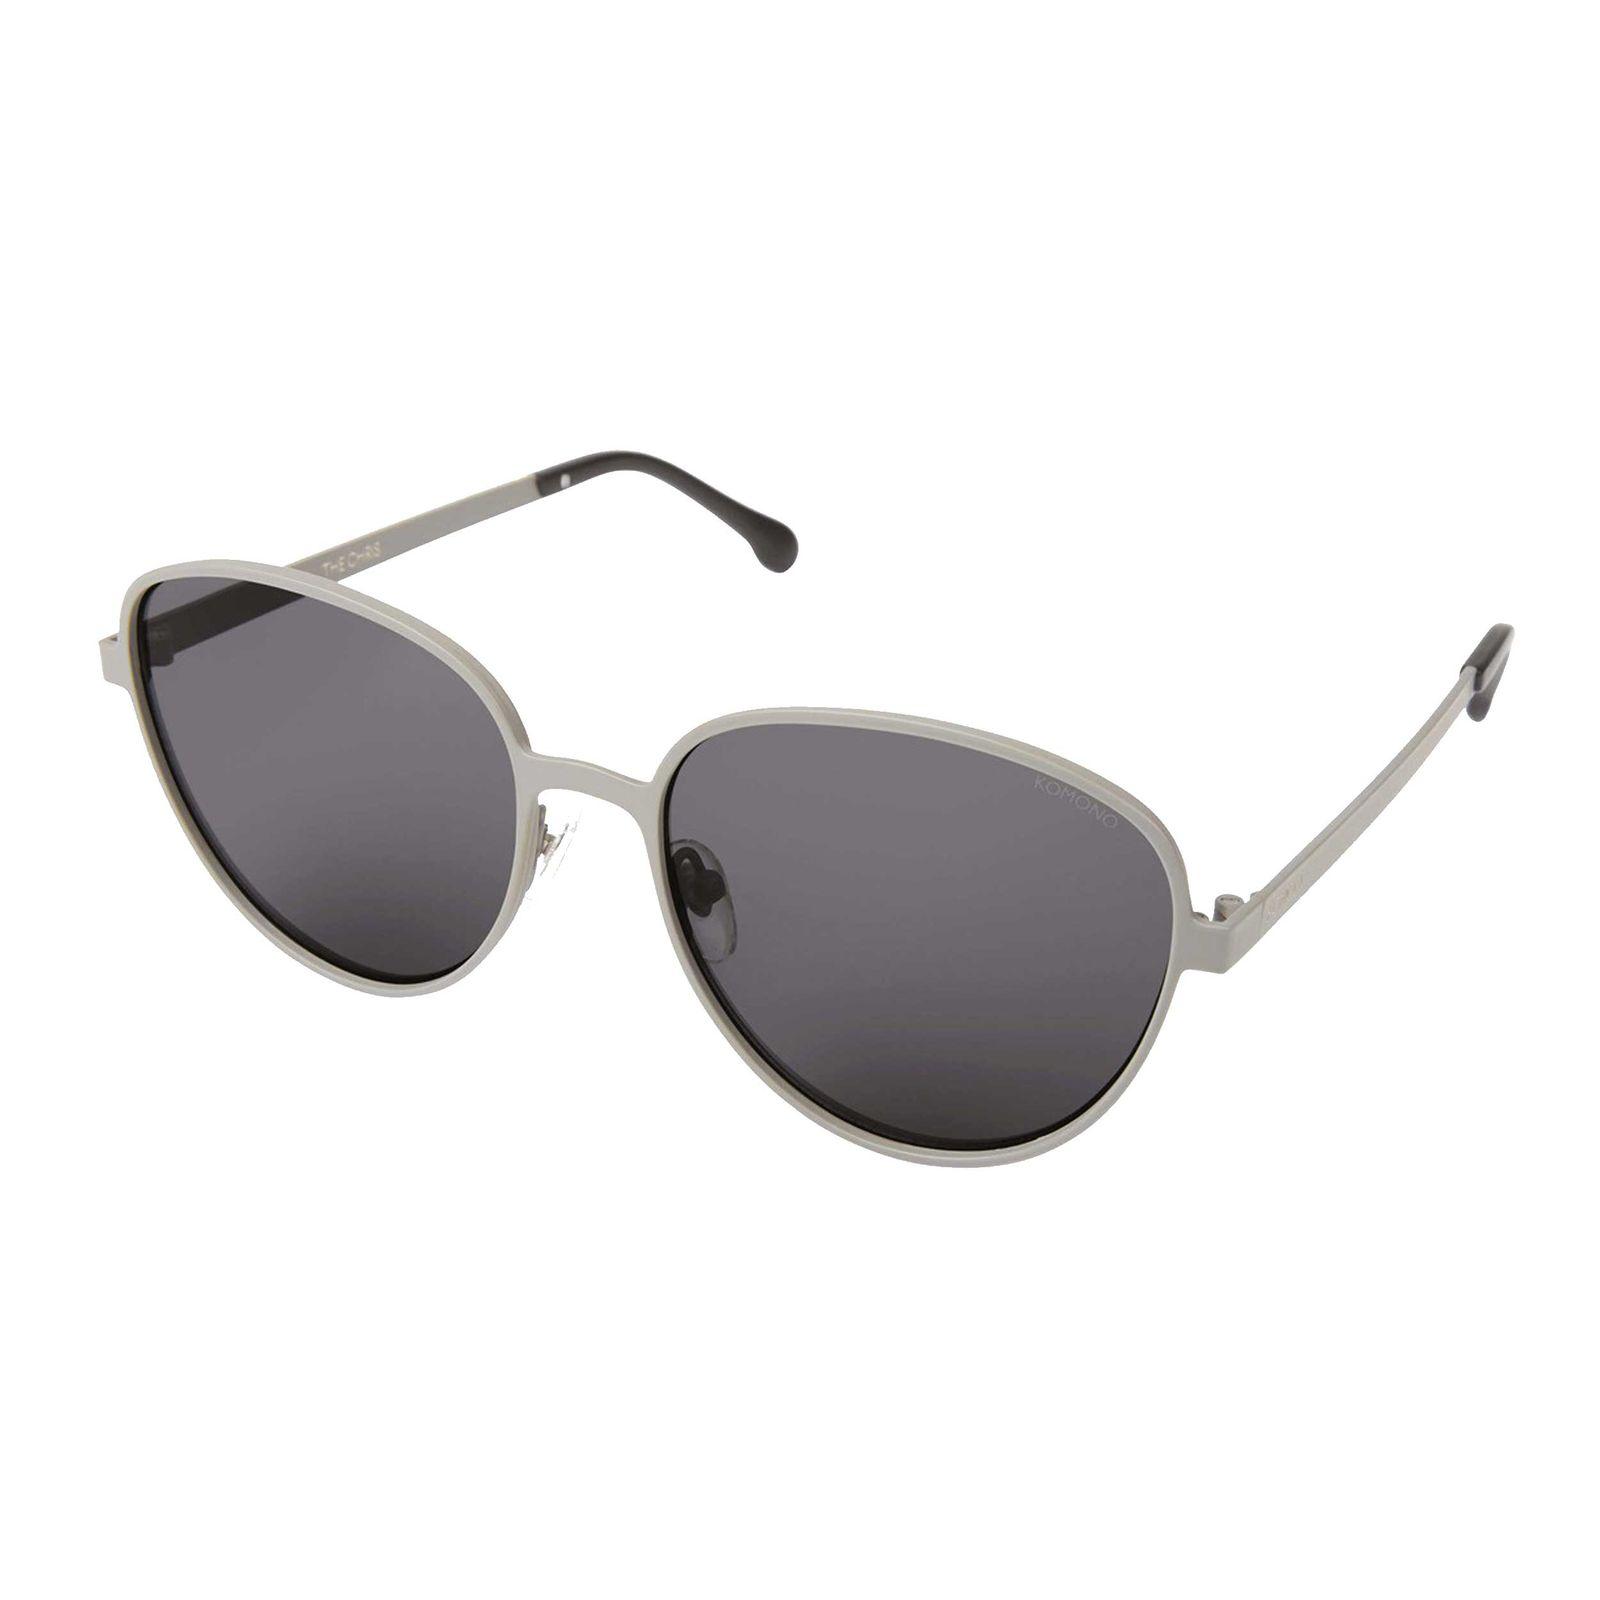 عینک آفتابی زنانه کومونو سری Chris Dove مدل KOM-S4355 -  - 1